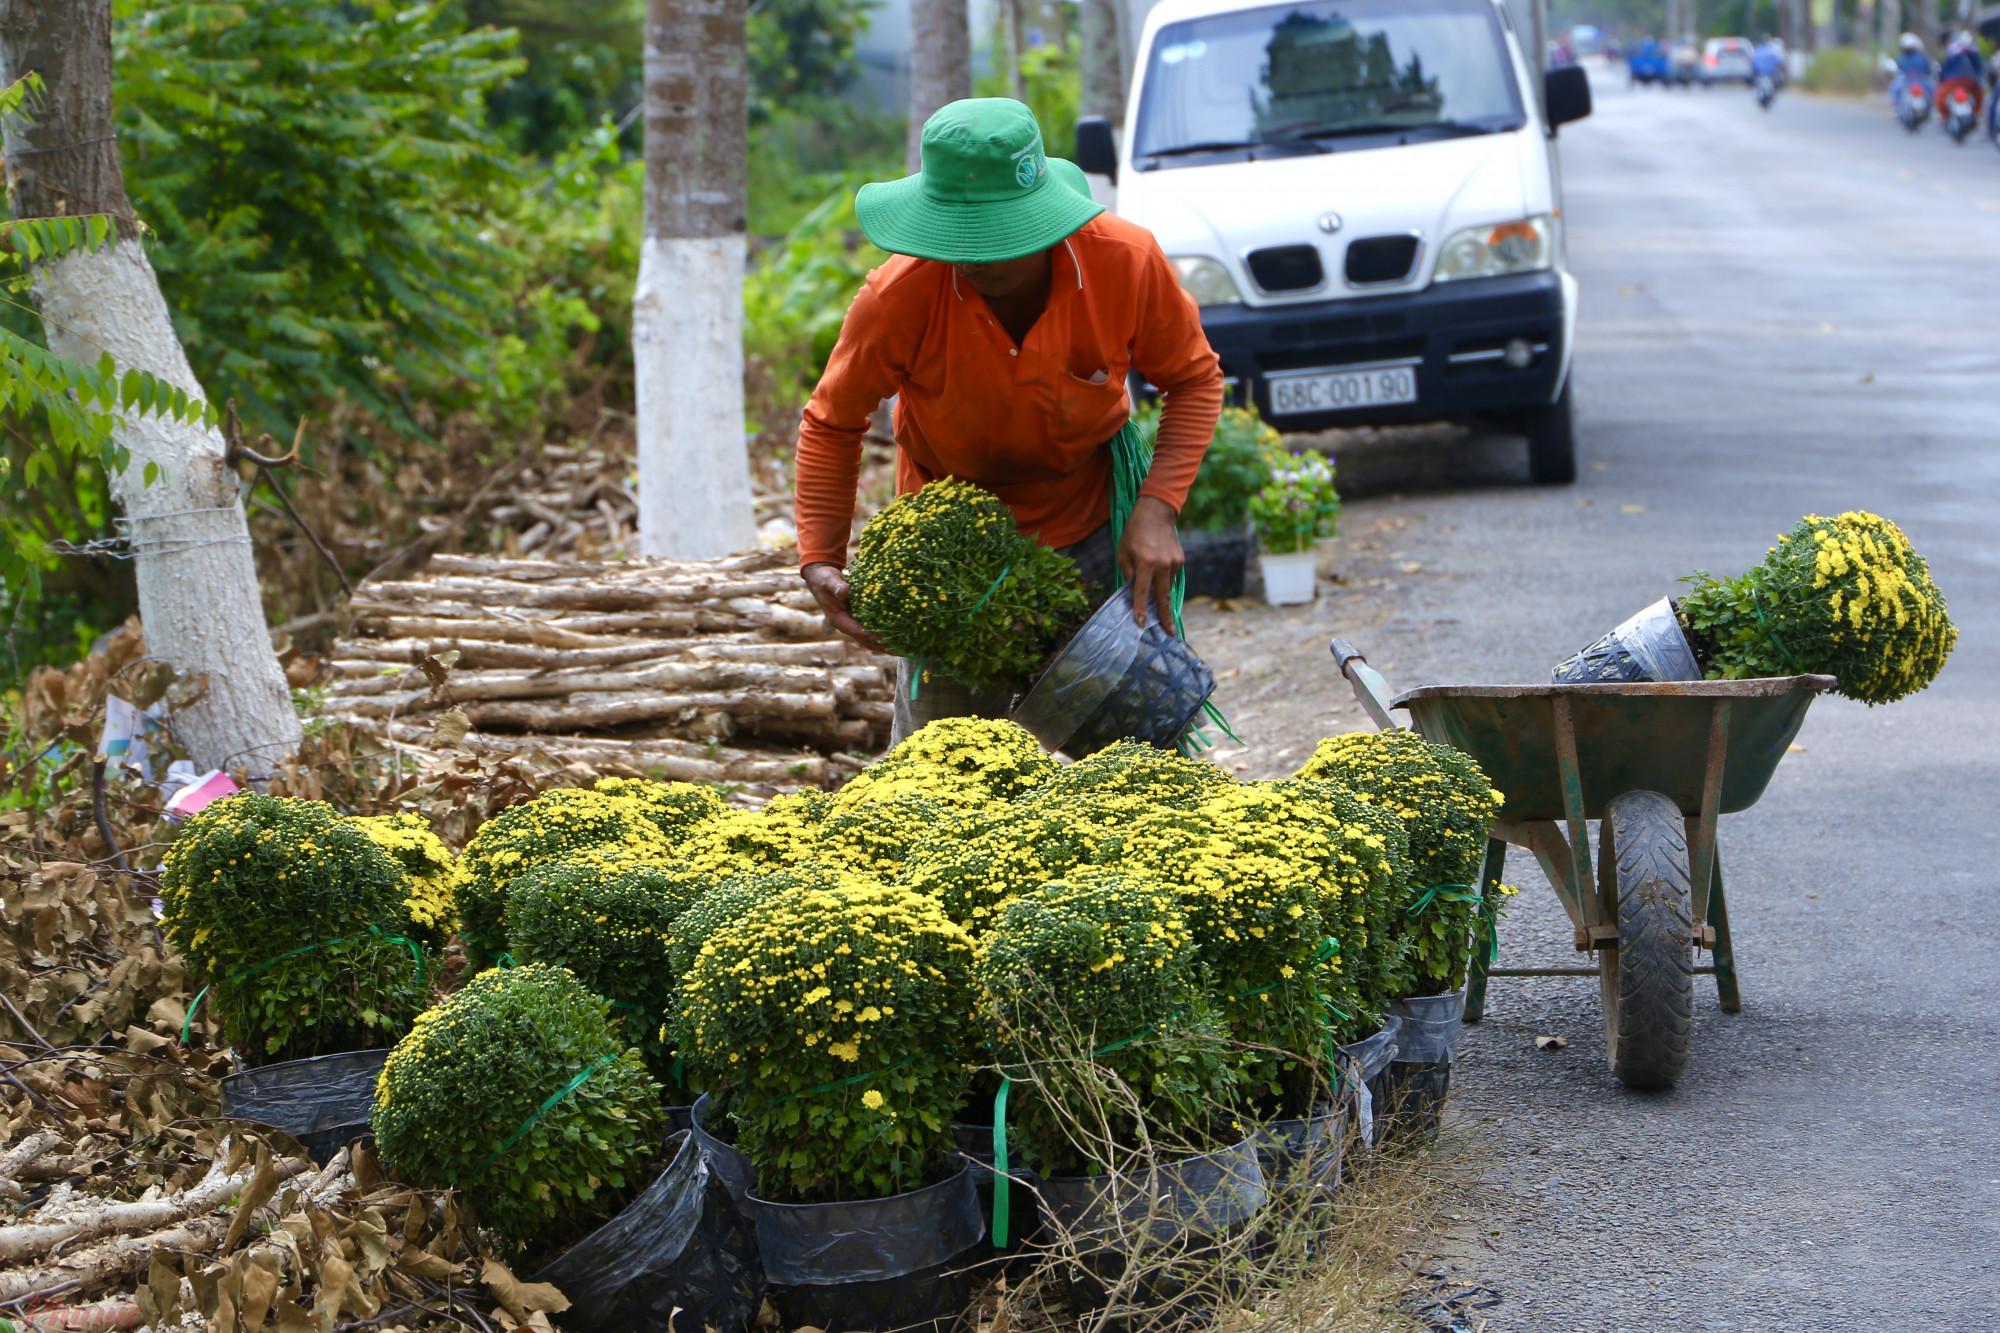 Hoa được tập kết ra trước nhà để các thương lái dễ dàng vận chuyển.